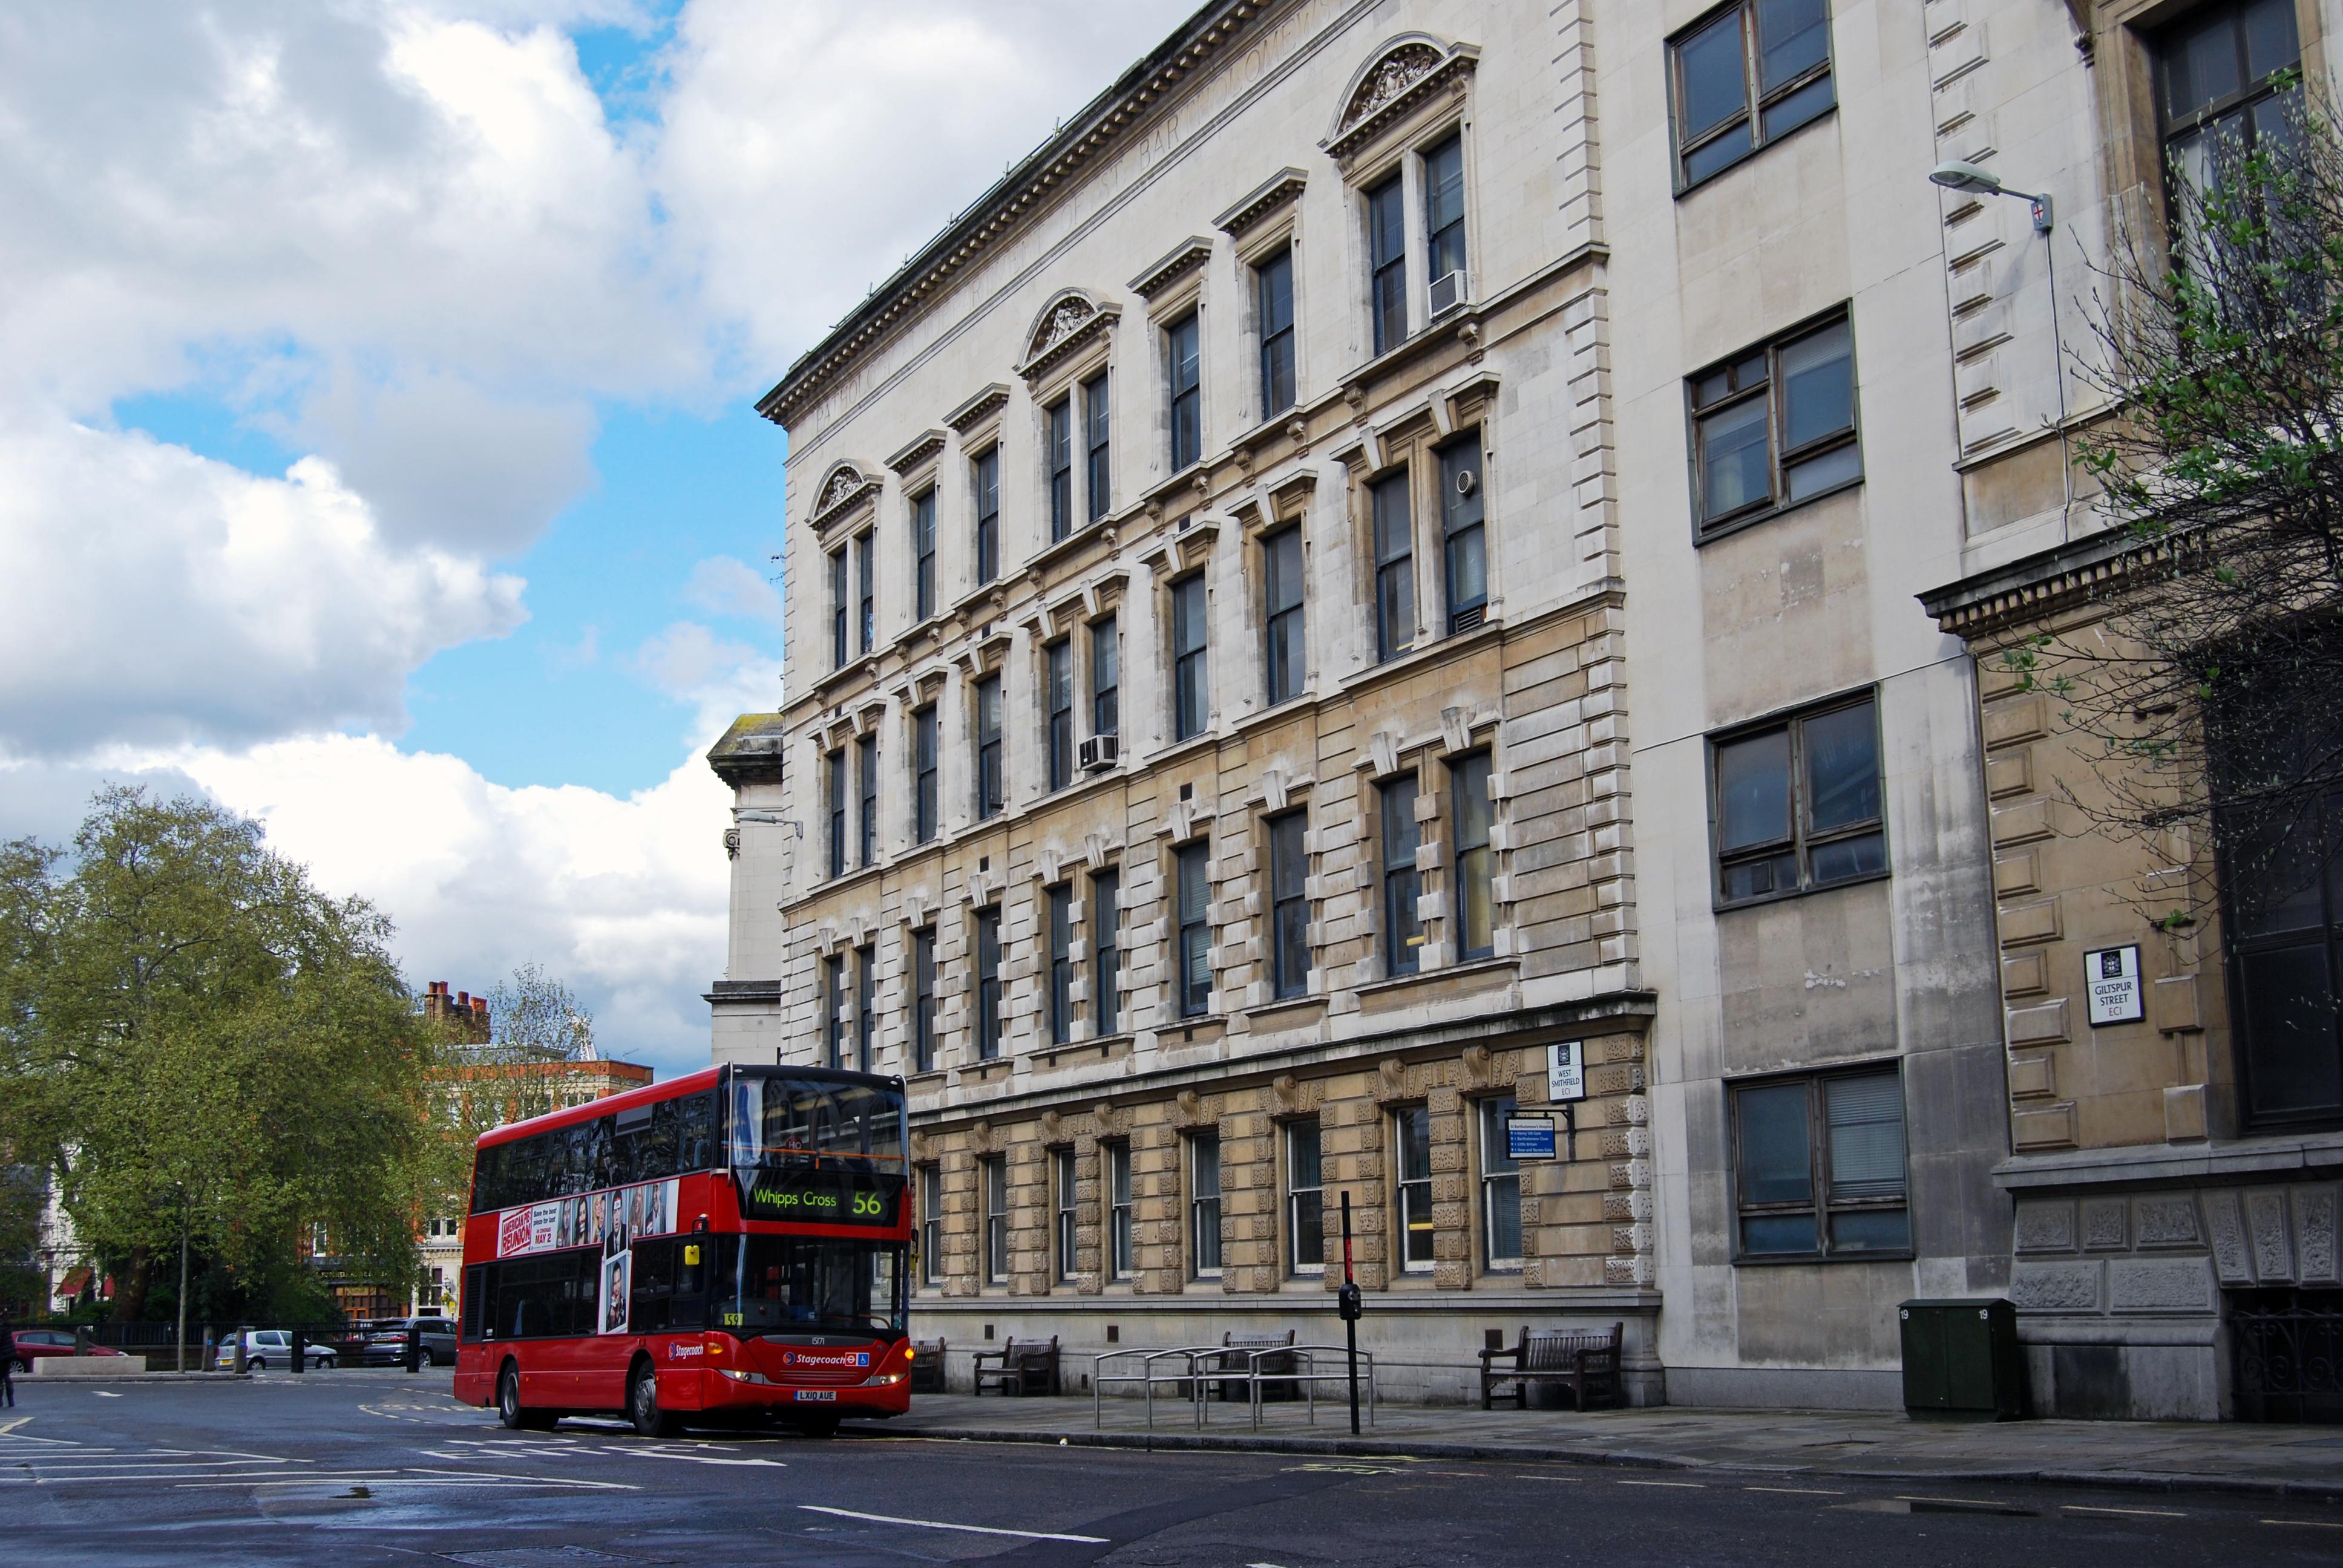 Cenários-e-Museu-de-Sherlock-Holmes-em-Londres-um-estudo-em-vermelho Cenários e Museu de Sherlock Holmes em Londres